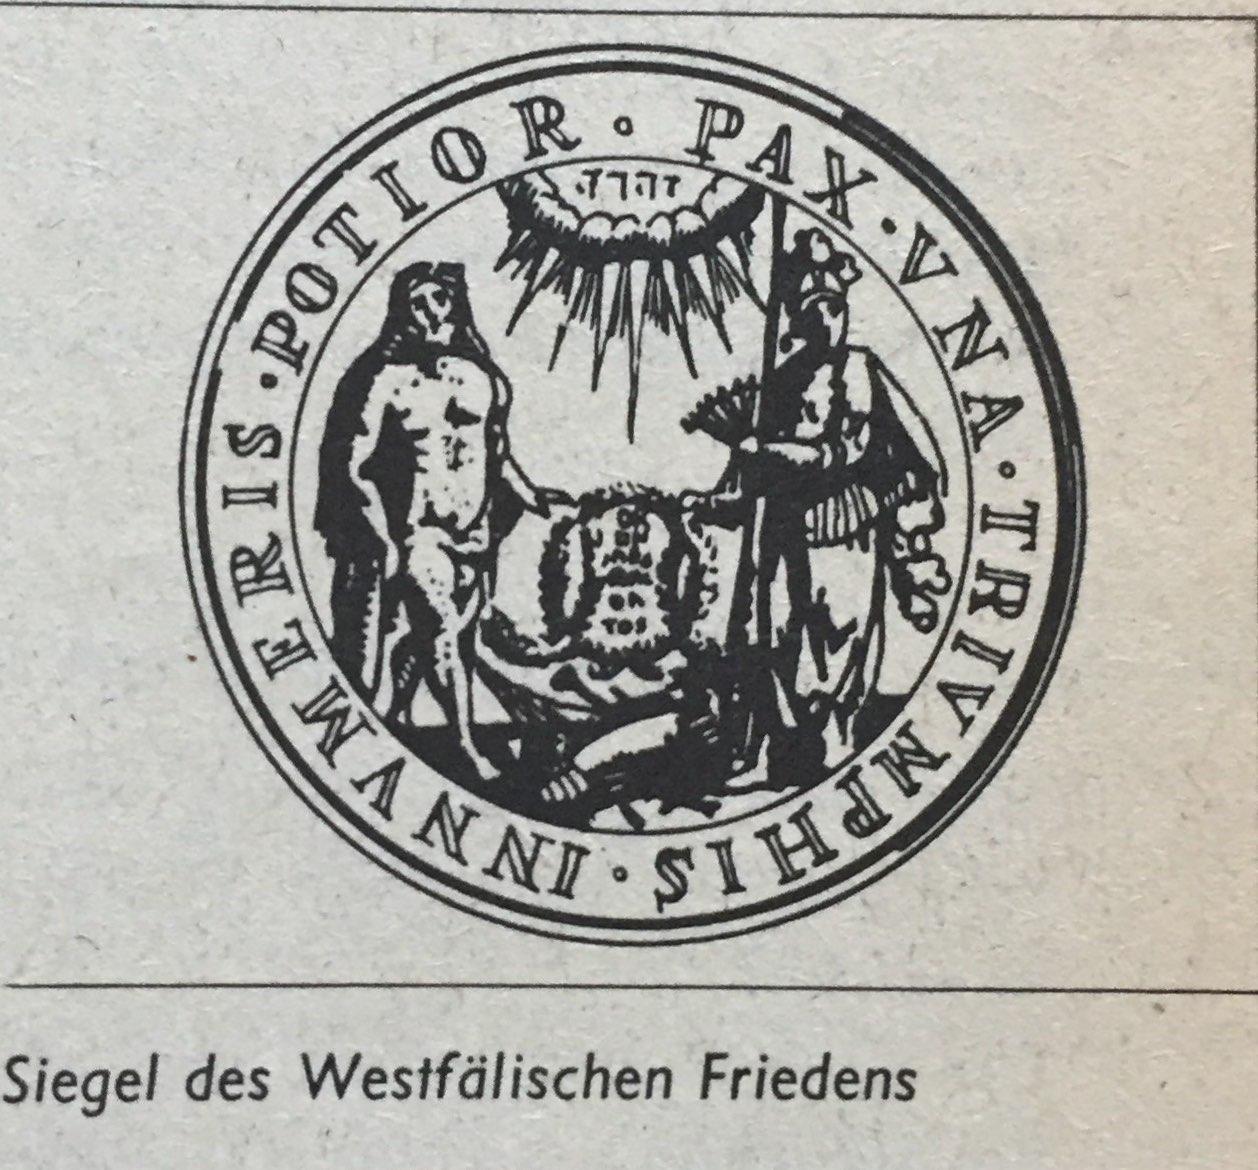 Der Westfälische Frieden (1648)